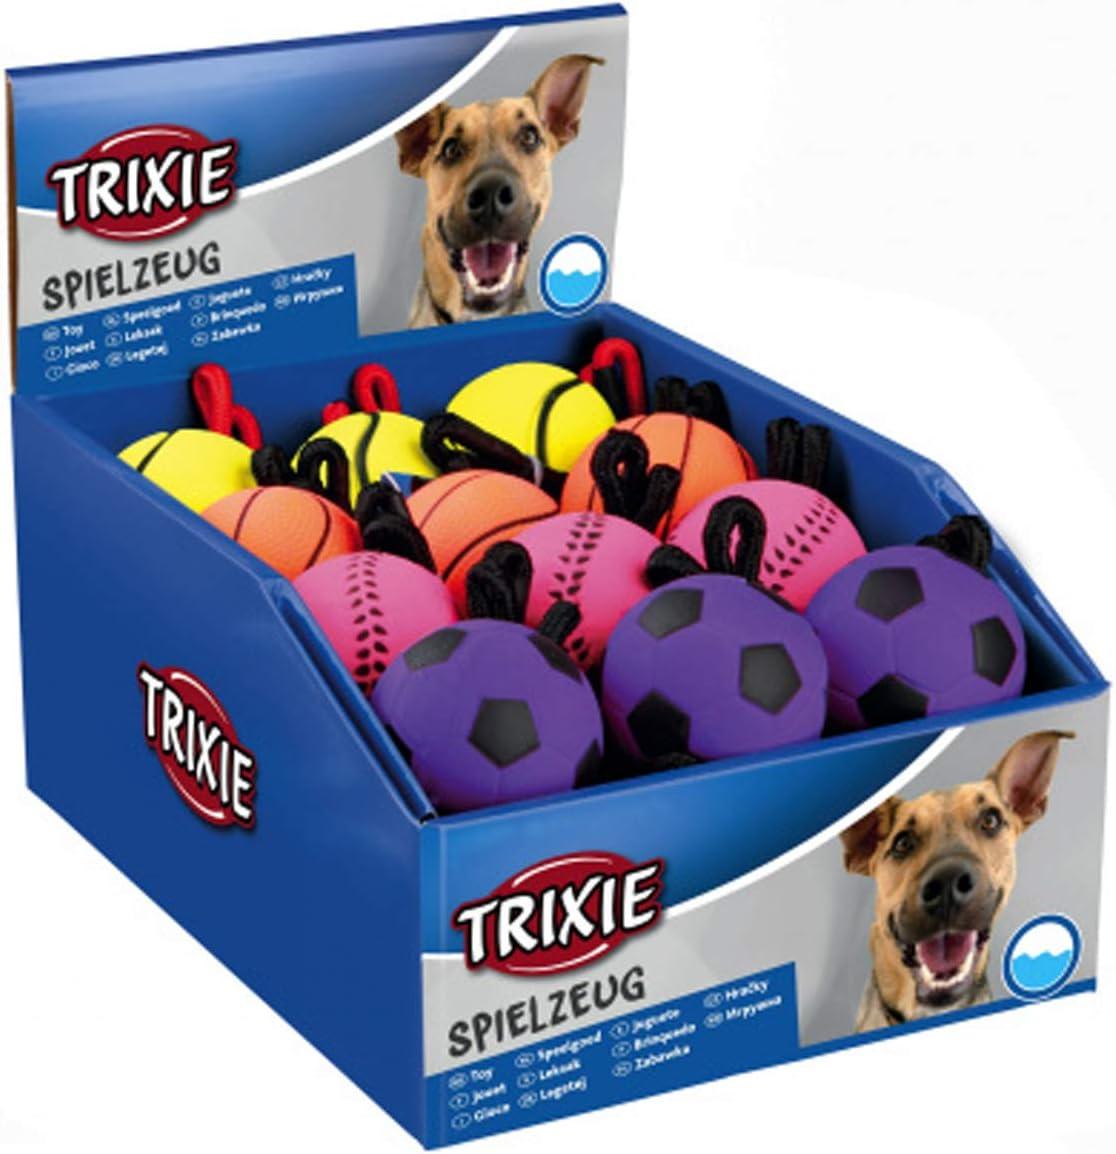 Trixie Surtido Sport Pelotas Am Cuerda, Goma, Flota en el Agua, Perros Juguete 3459: Amazon.es: Productos para mascotas